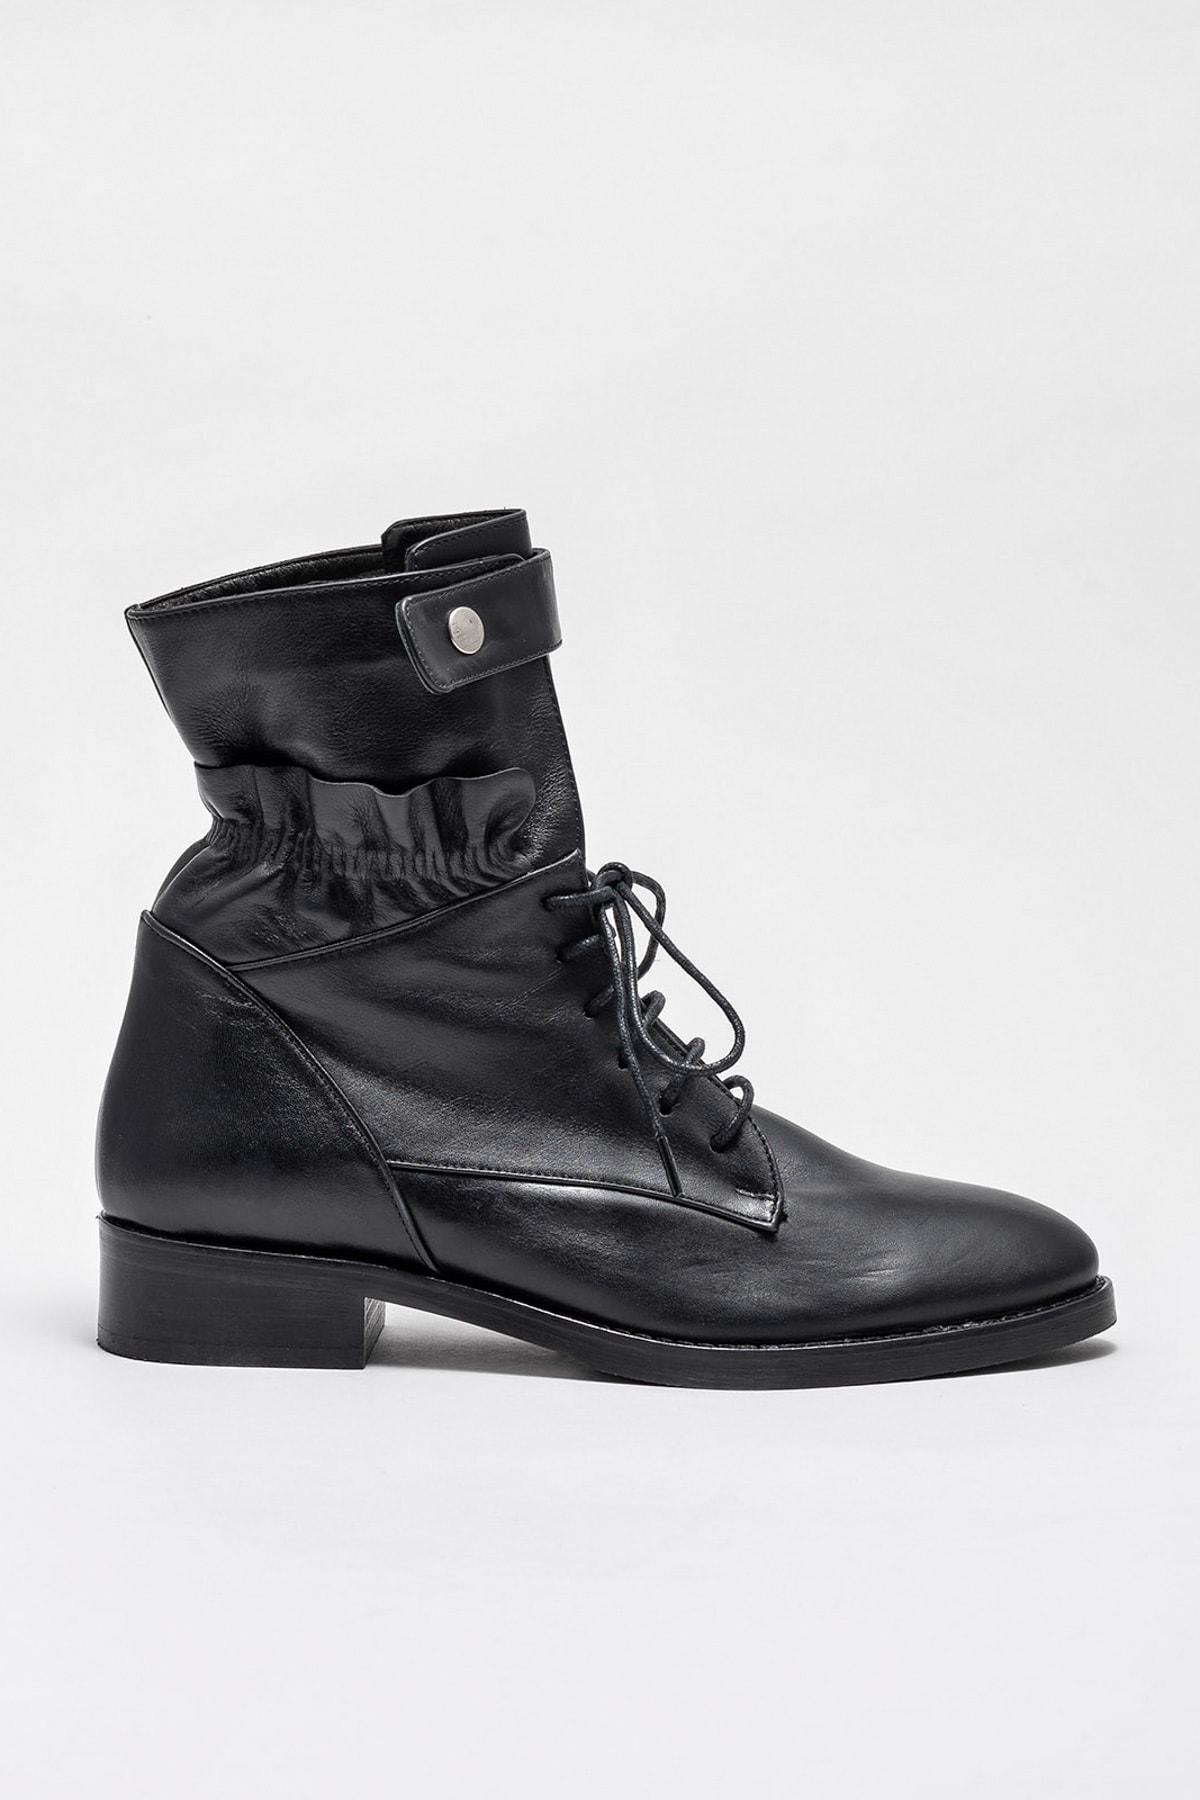 Elle Shoes ROOSETTE Hakiki Deri Siyah Kadın Bot 1